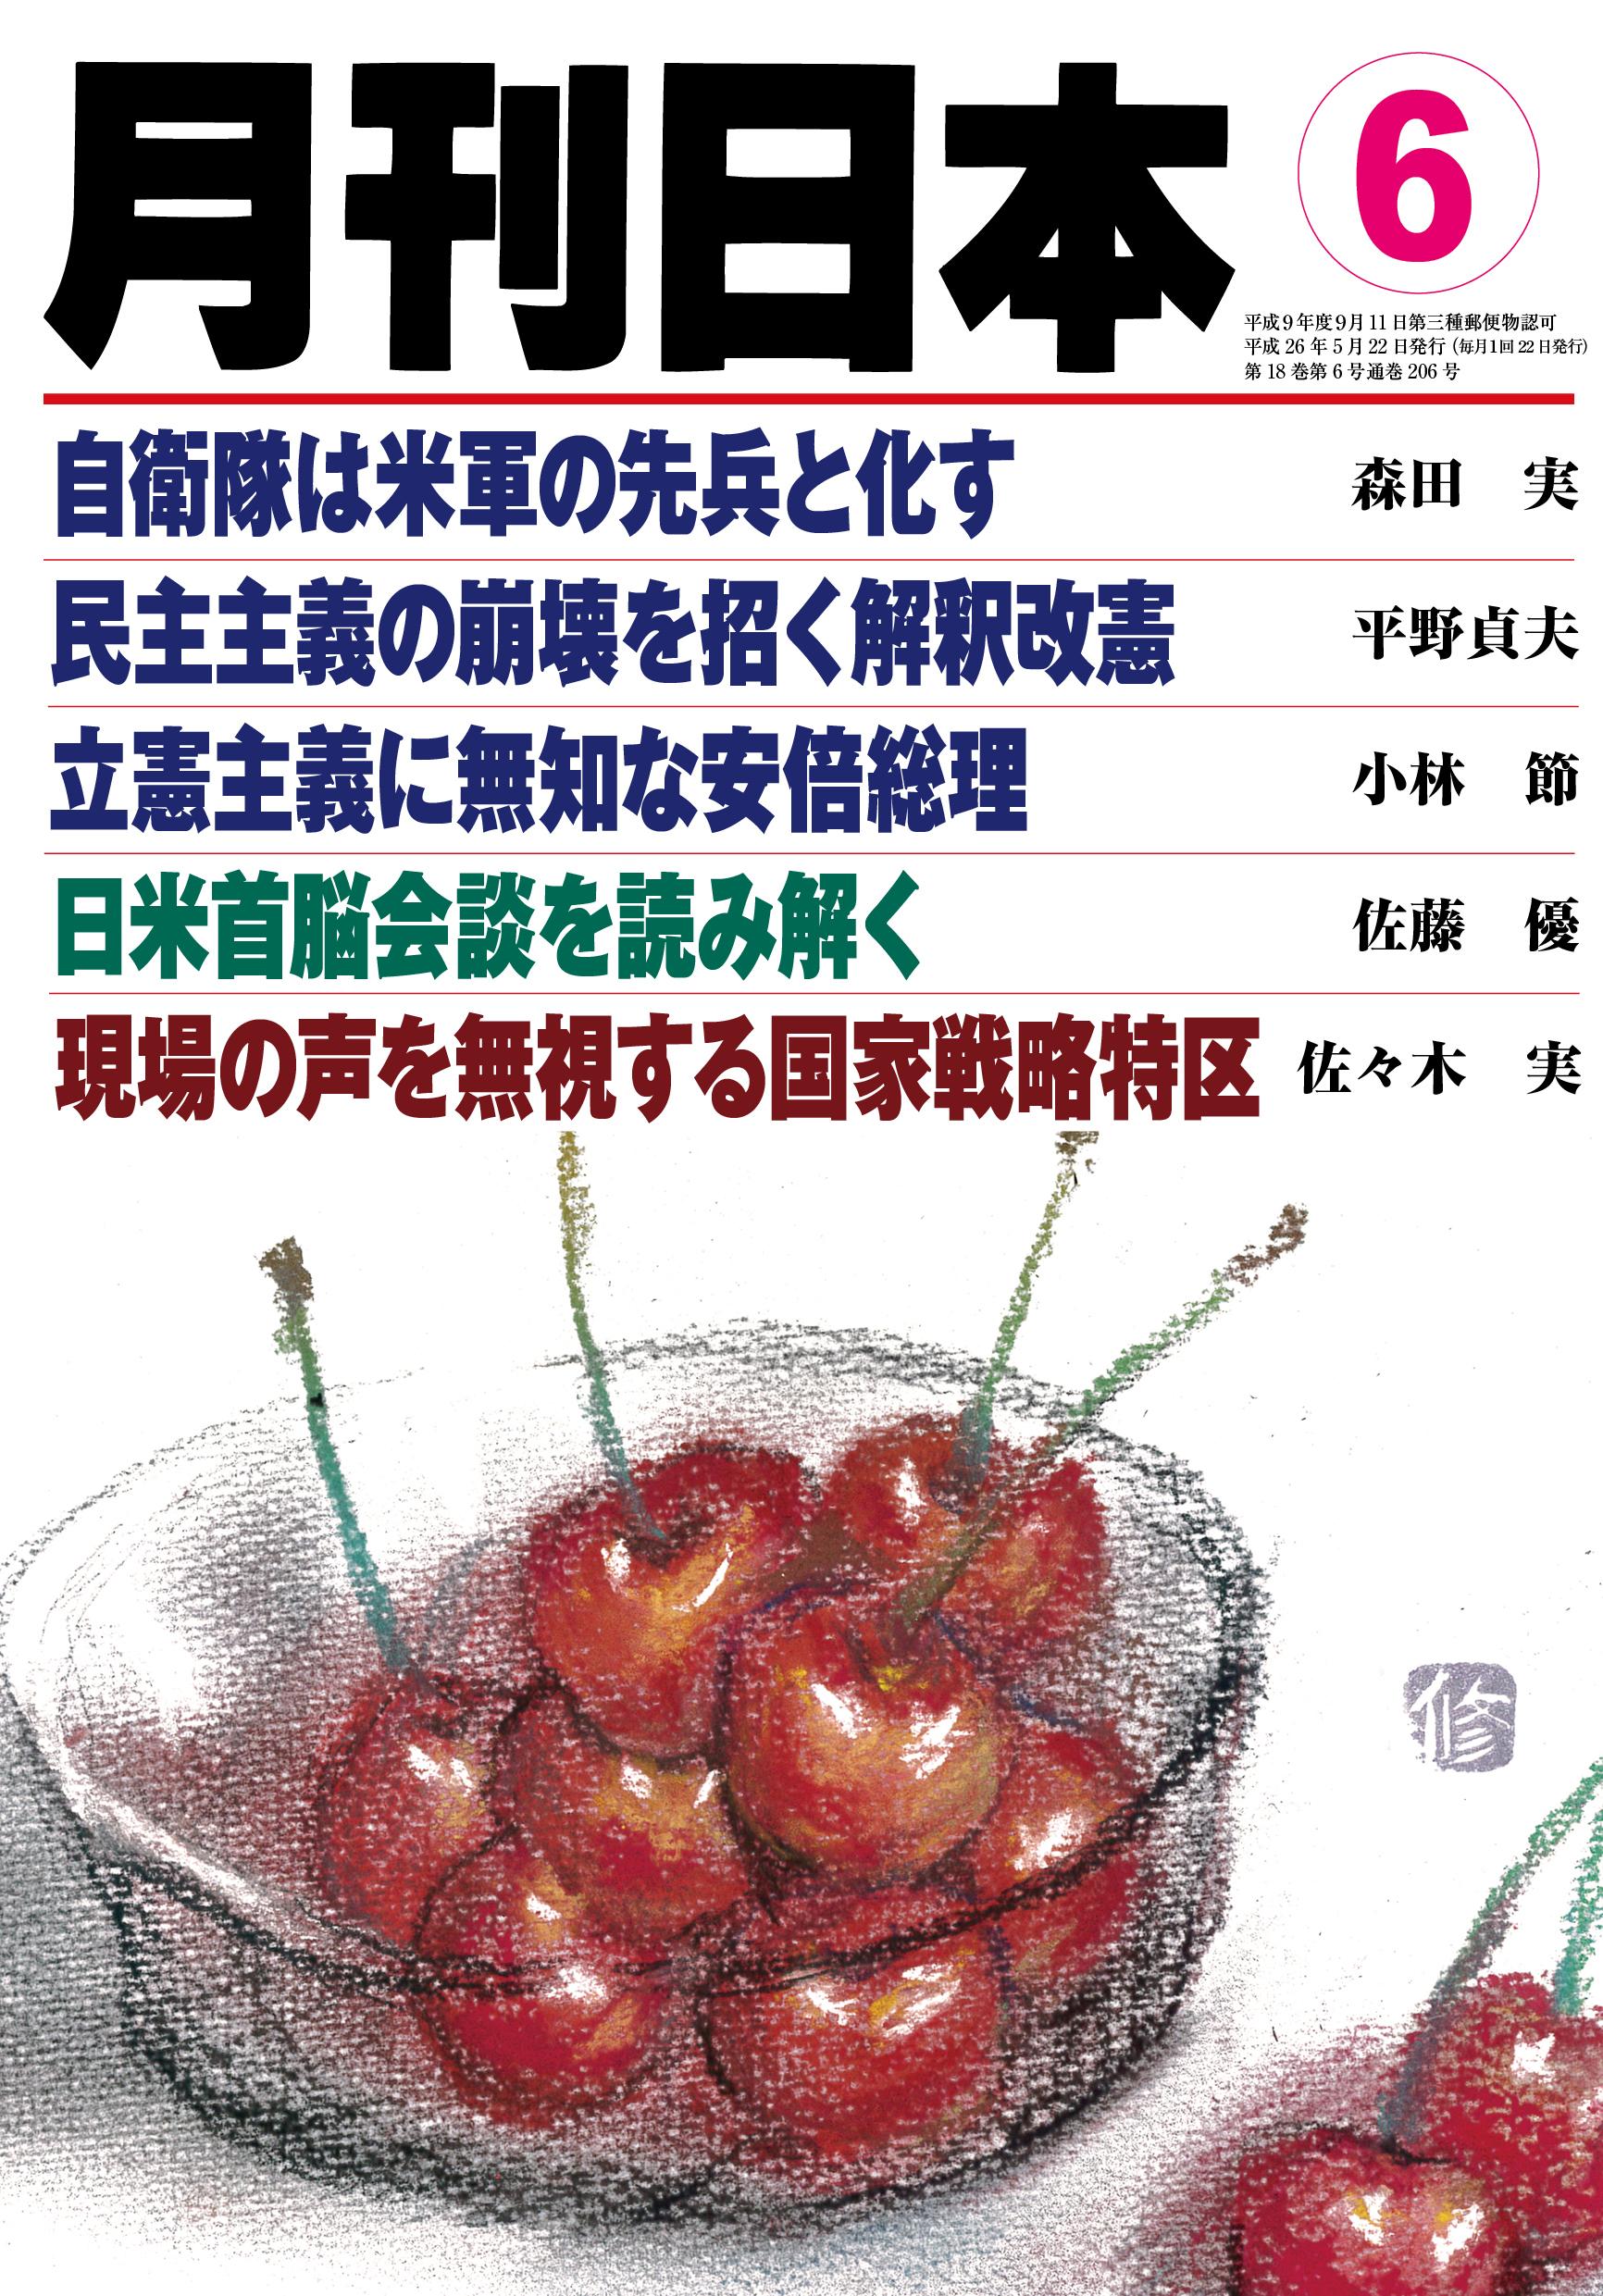 【書評】下村治著『日本は悪くない 悪いのはアメリカだ』